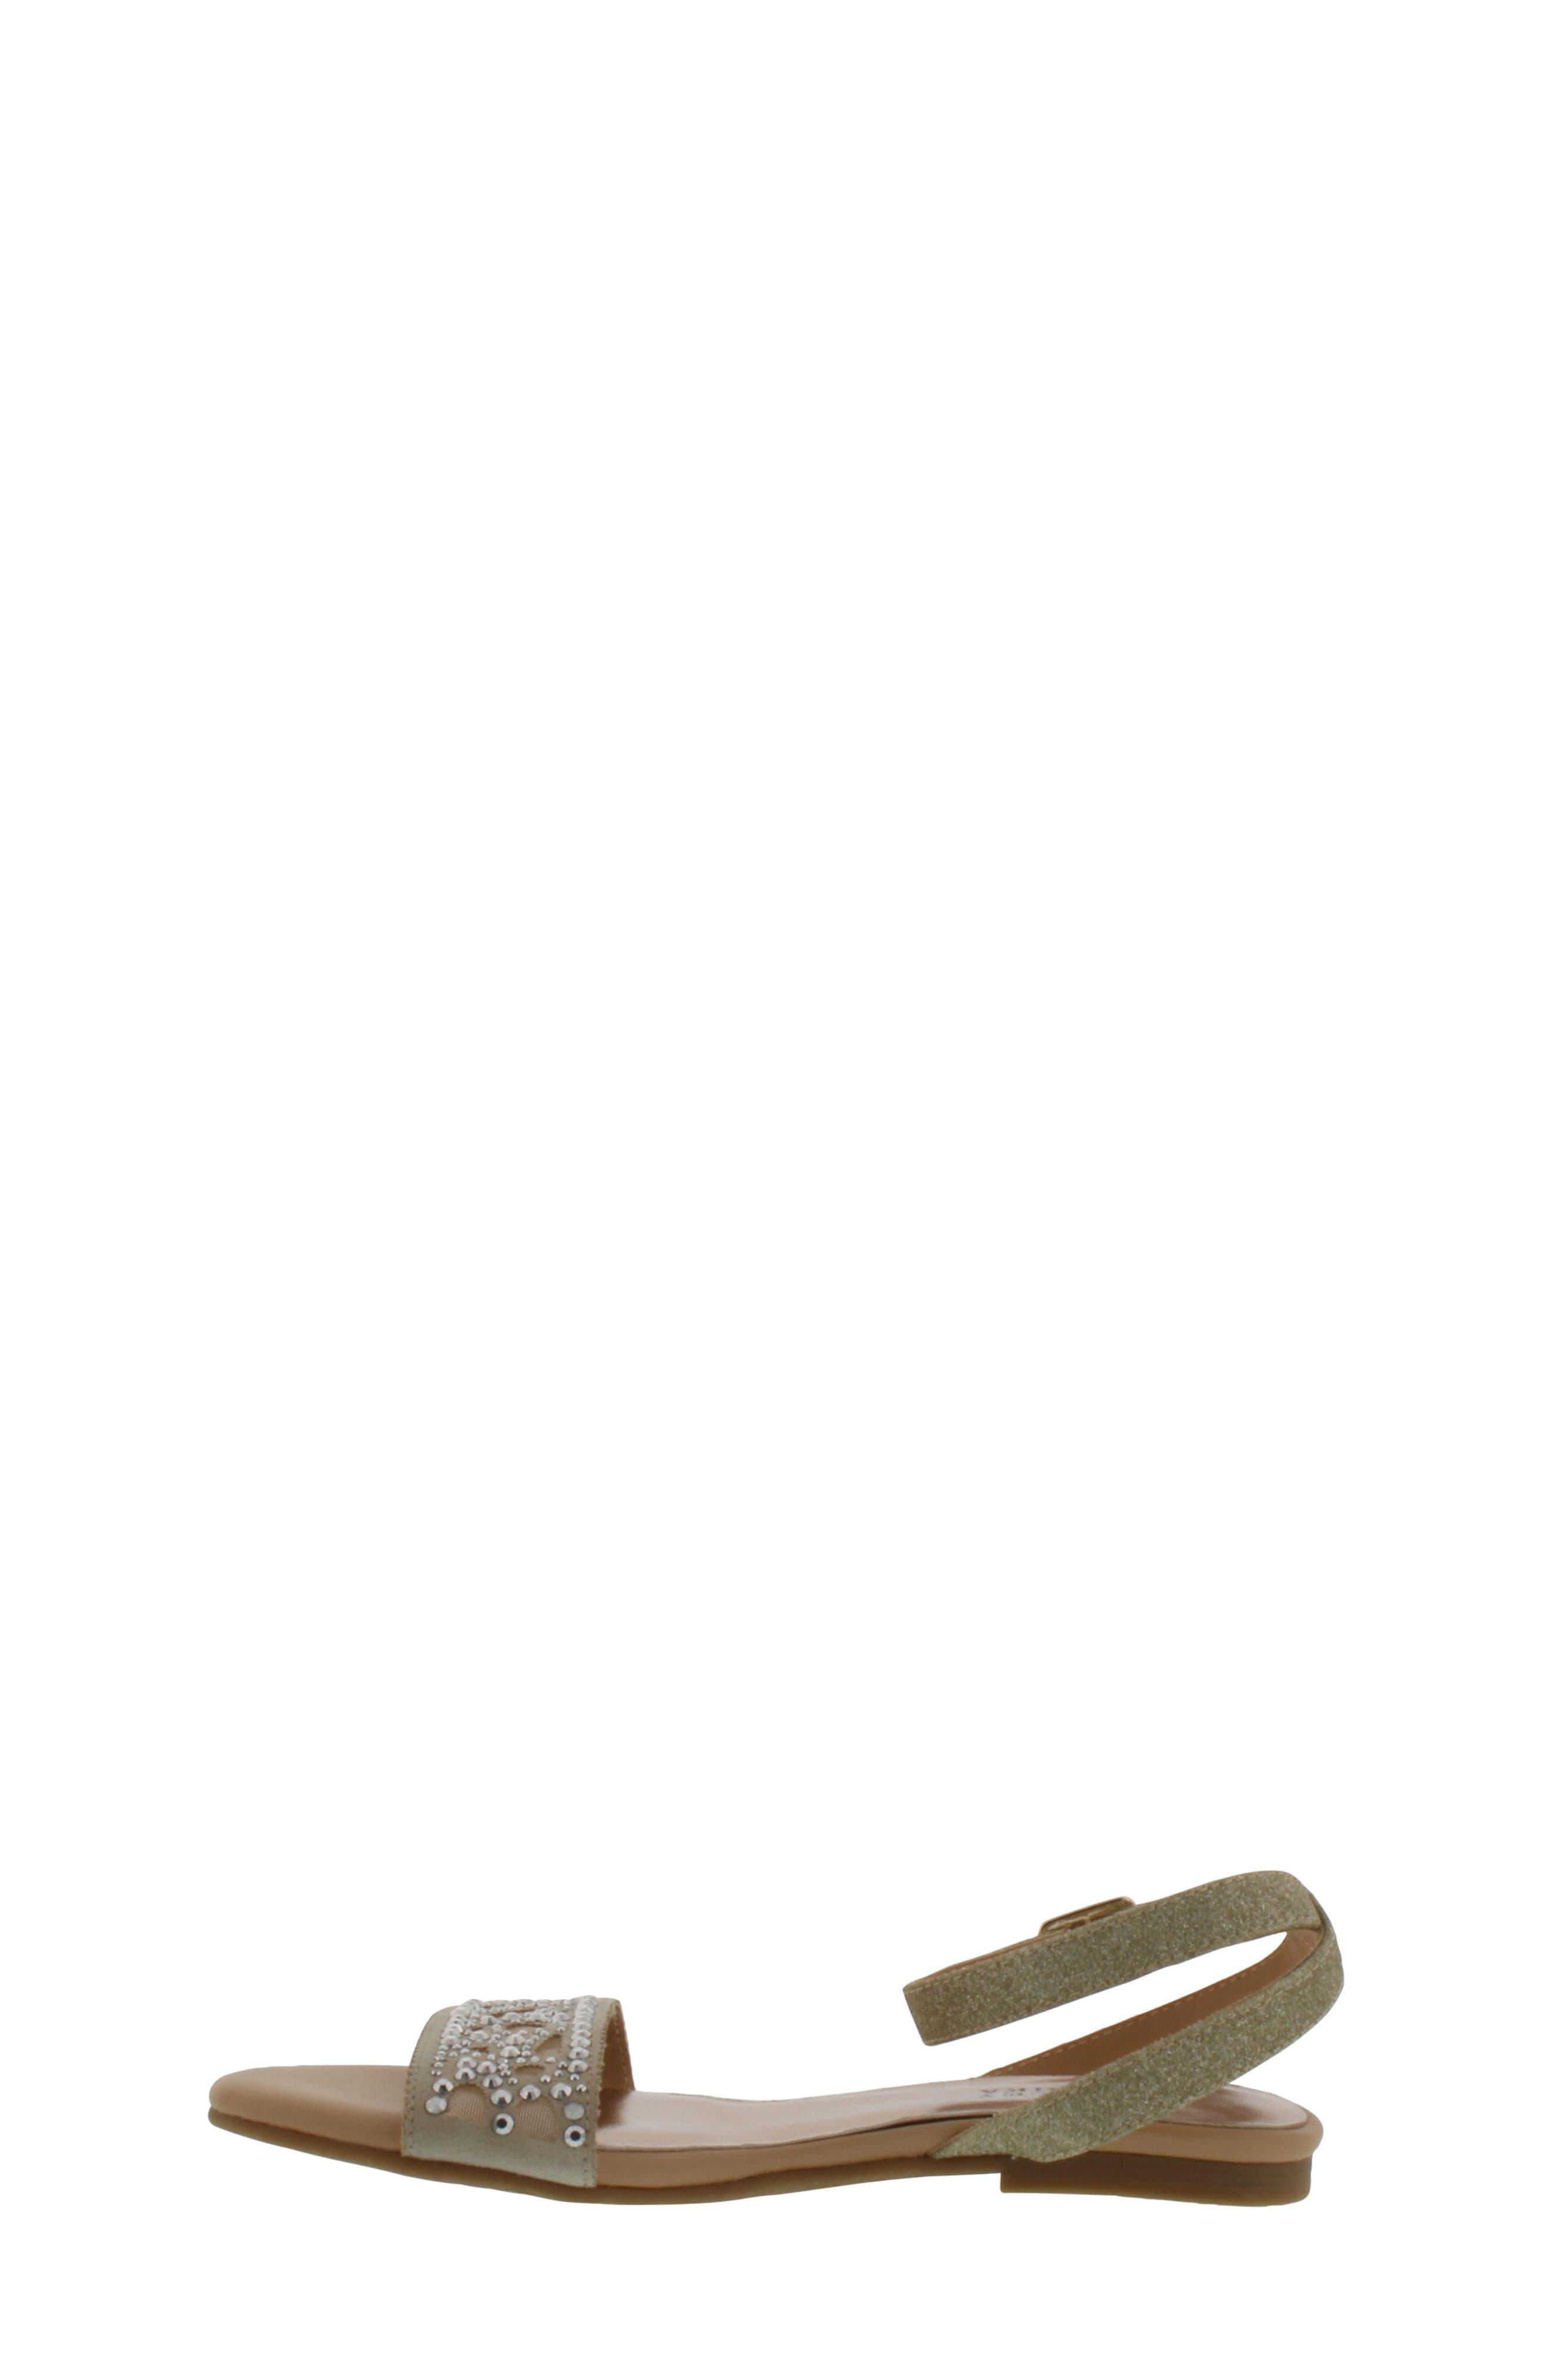 Alternate Image 3  - Badgley Mischka Cara Embellished Sandal (Toddler, Little Kid & Big Kid)